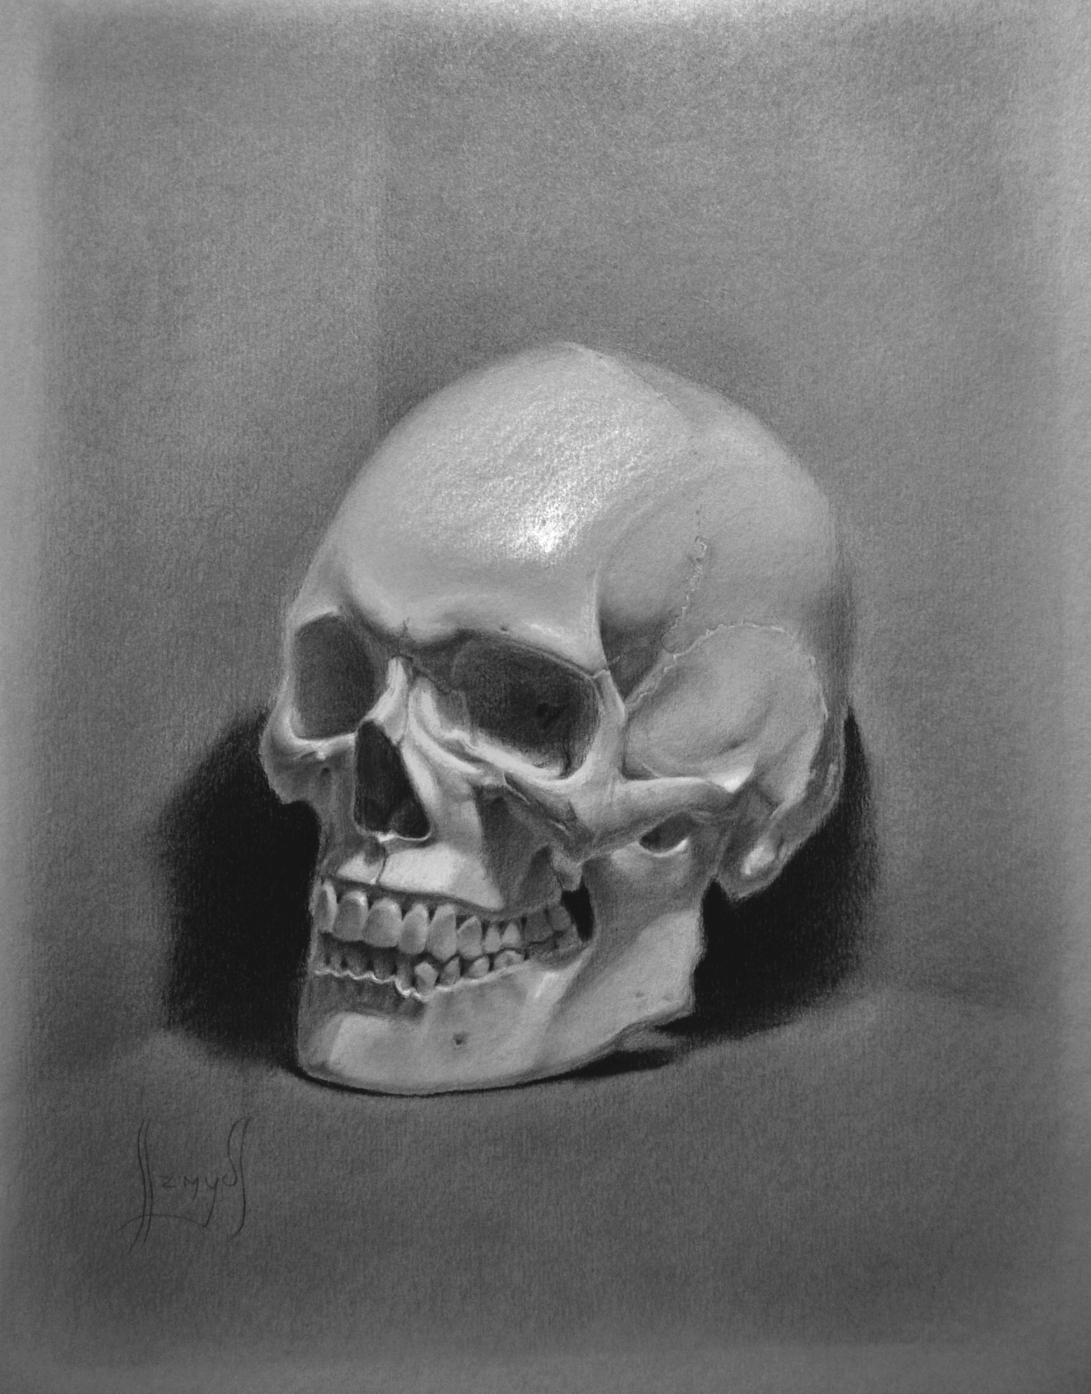 Skull contrast up2